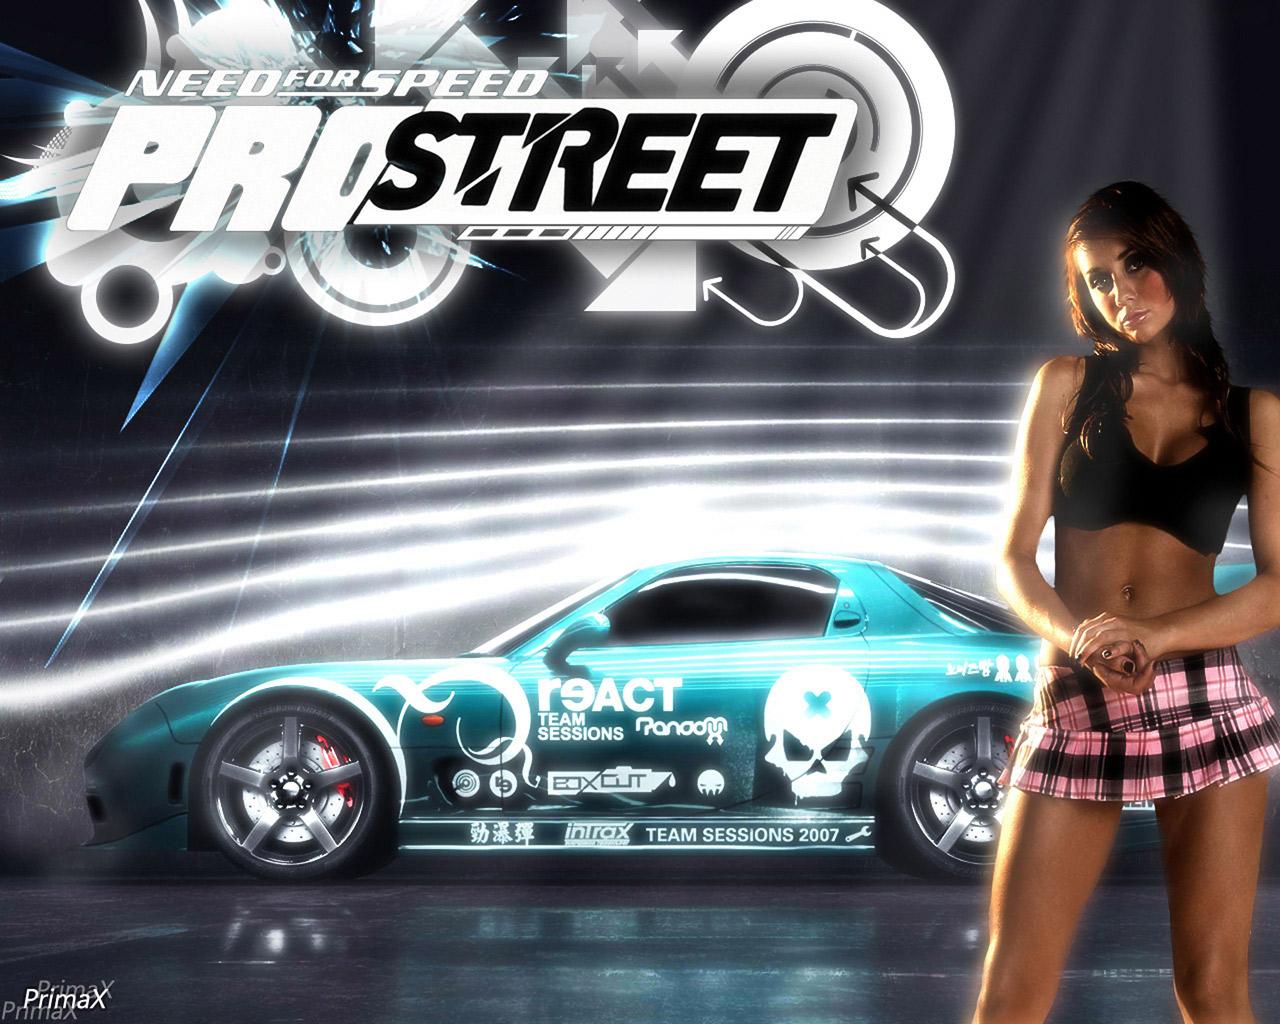 http://4.bp.blogspot.com/-HrOvtCykOj0/TVk2GneJEYI/AAAAAAAAADg/kWPLH7oIi1A/s1600/Need_for_Speed_-_ProStreet%252C_2007.jpg